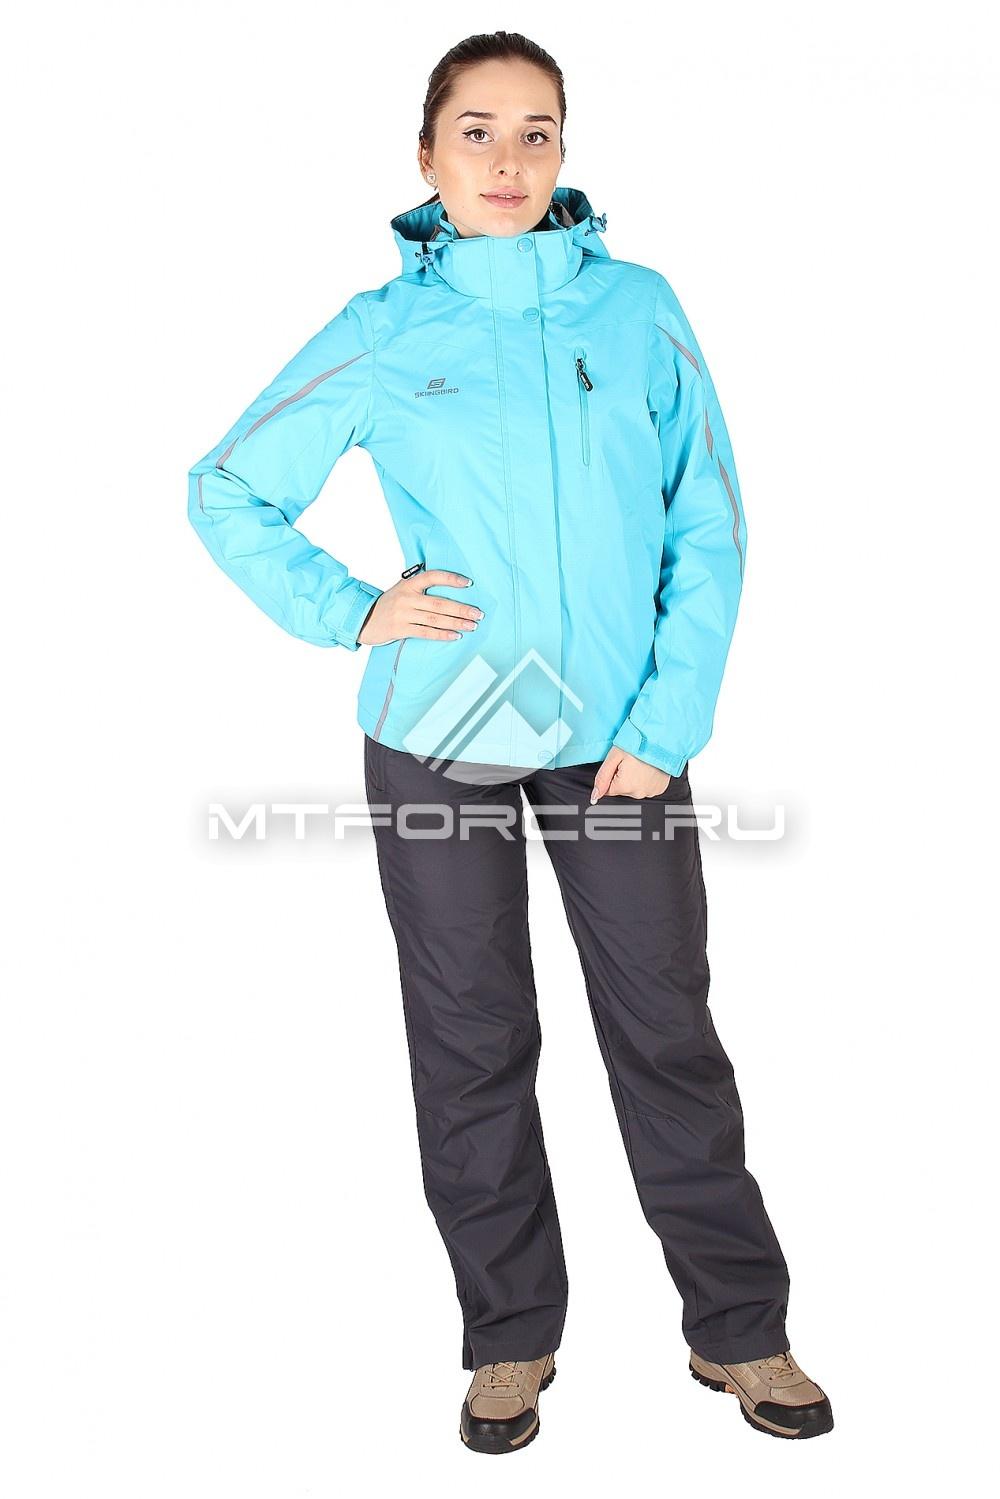 Недорогая женская верхняя одежда